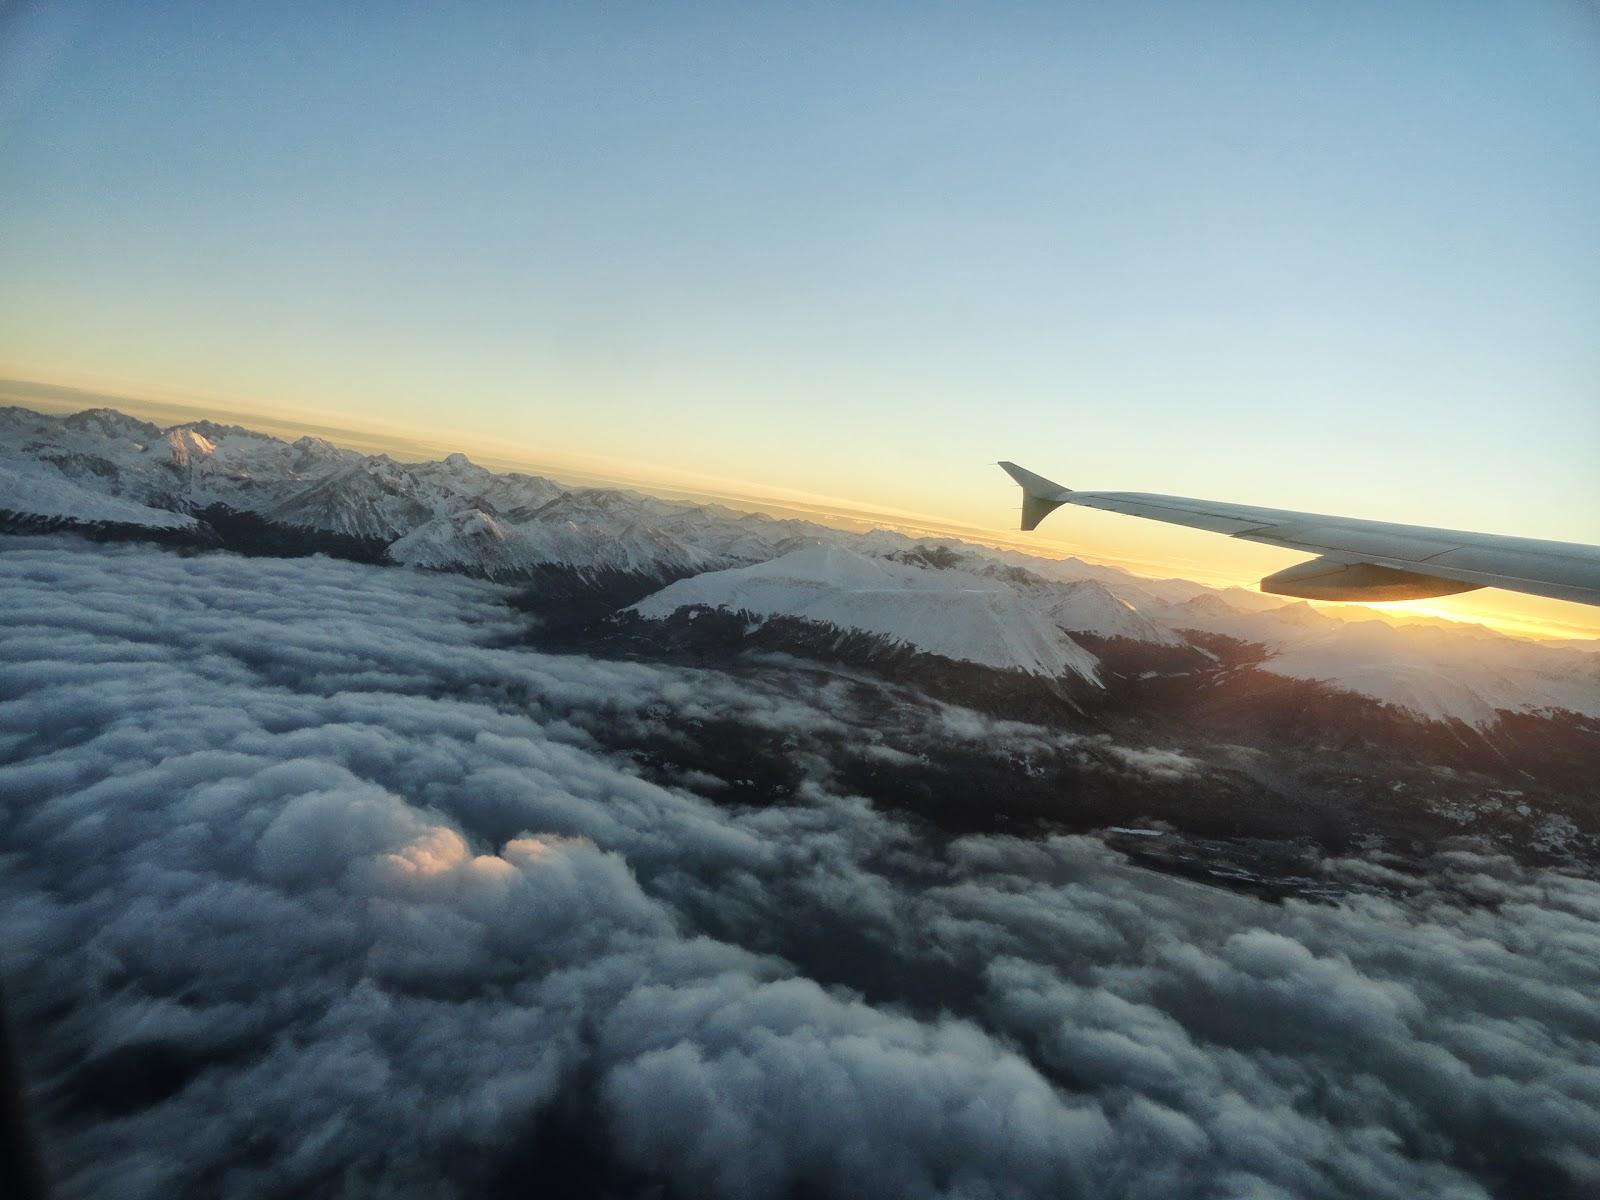 Algumas fotos da Cordilheira dos Andes tiradas de dentro do avião. #A38028 1600 1200